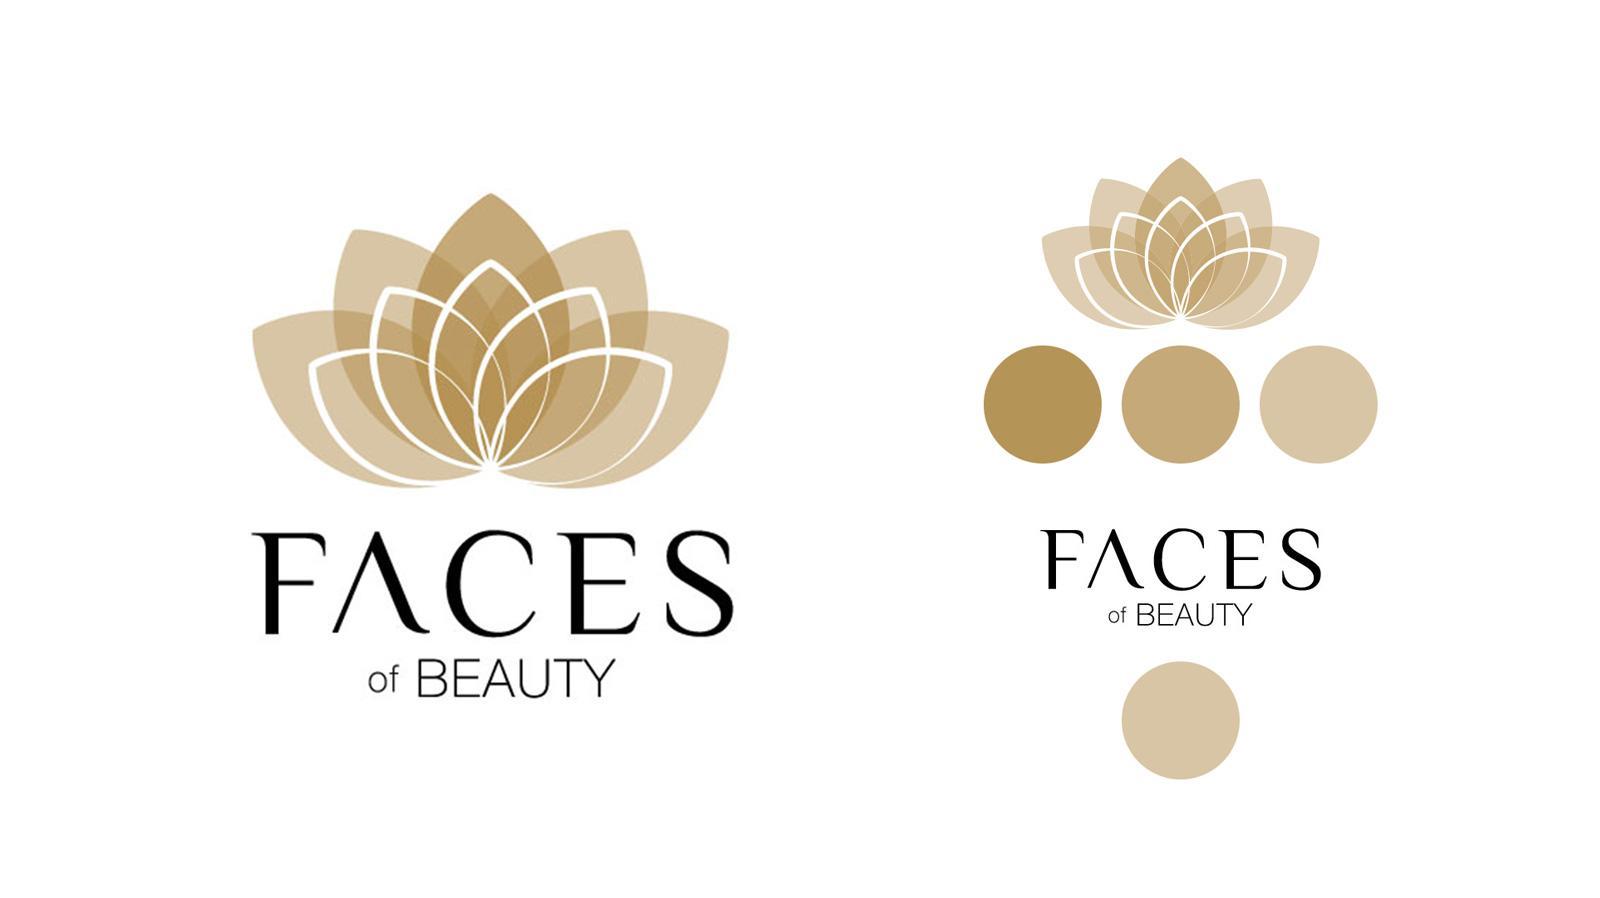 Faces os Beauty in Osnabrück